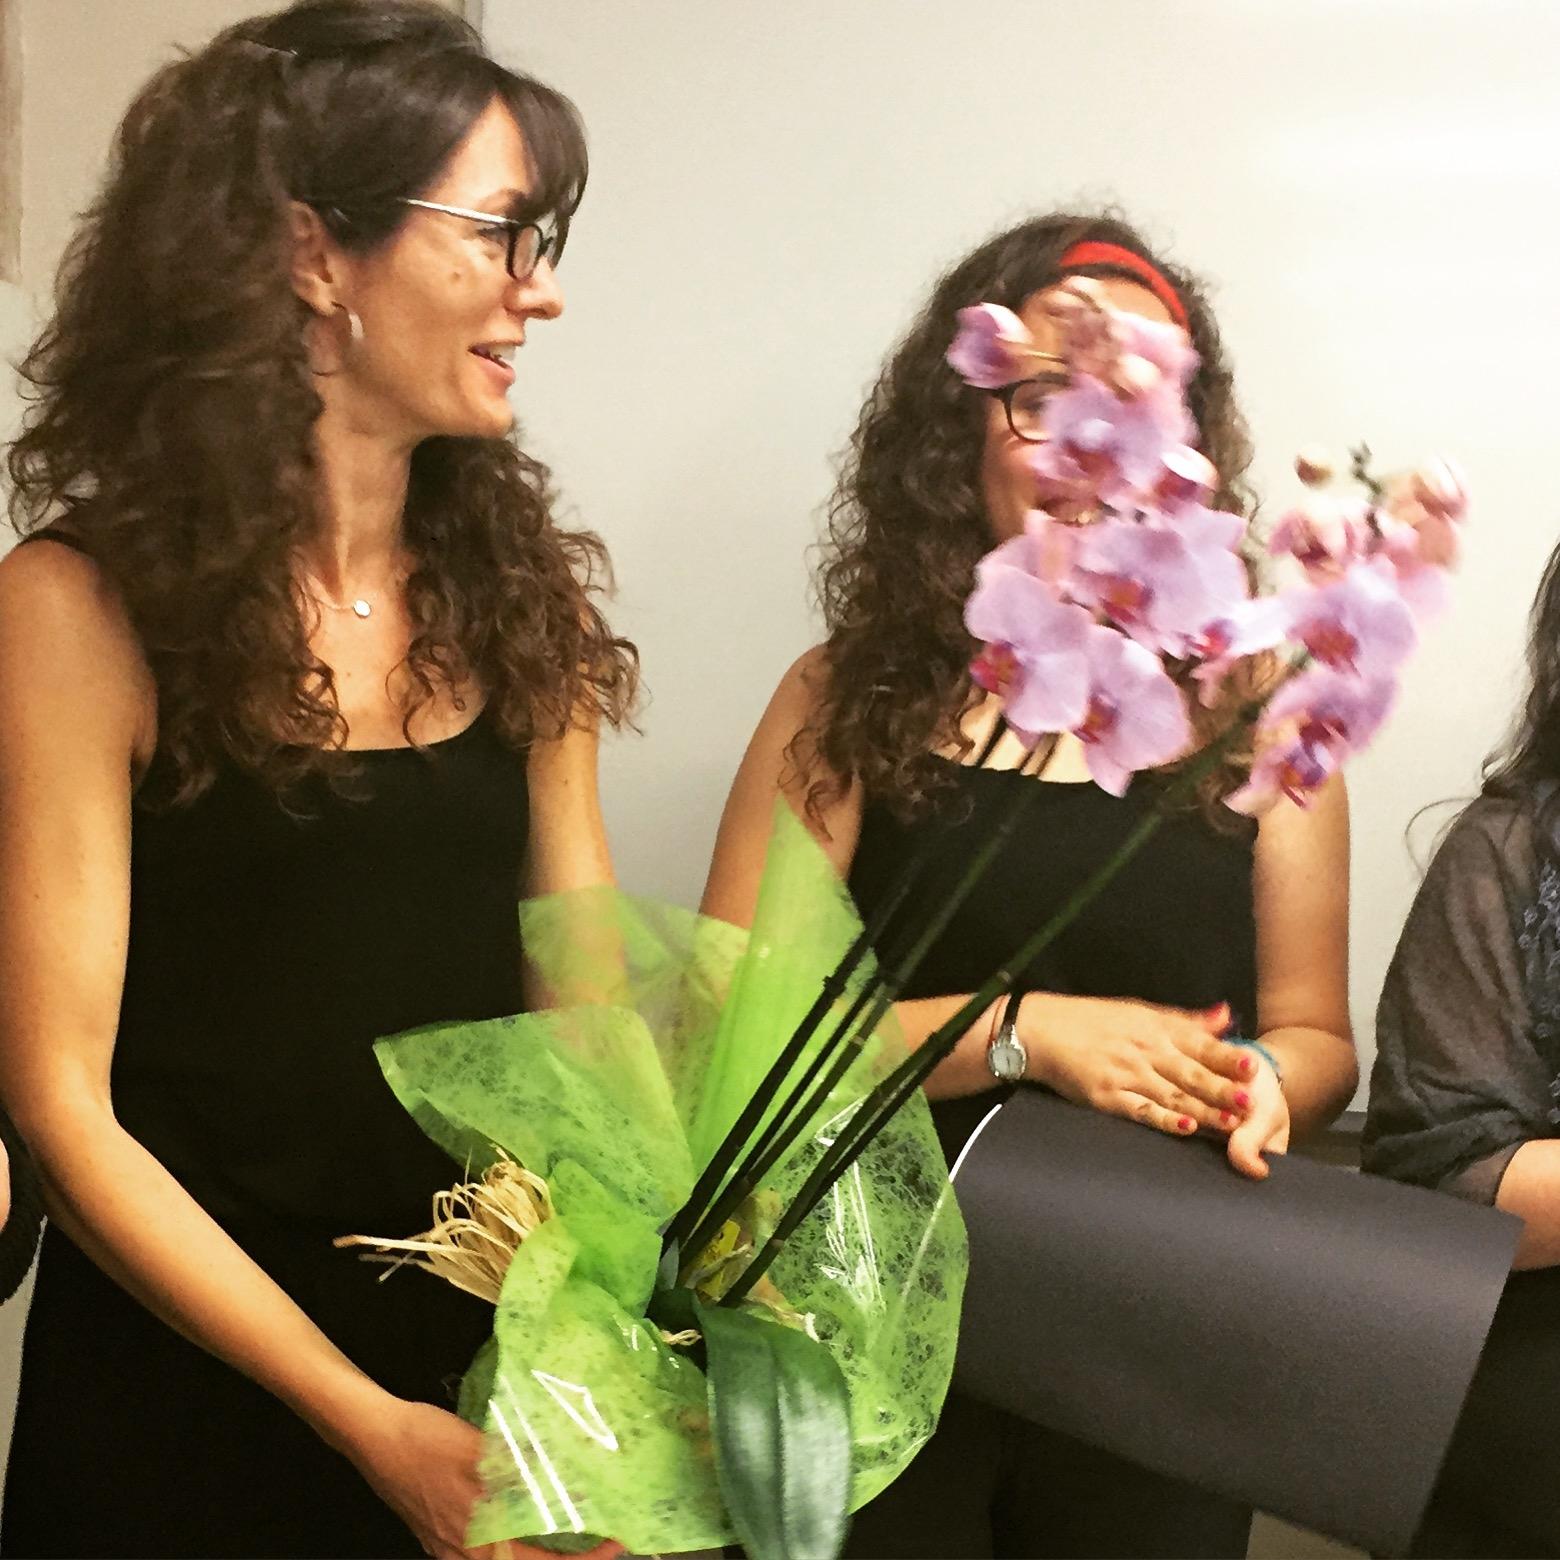 Cristina amb flors